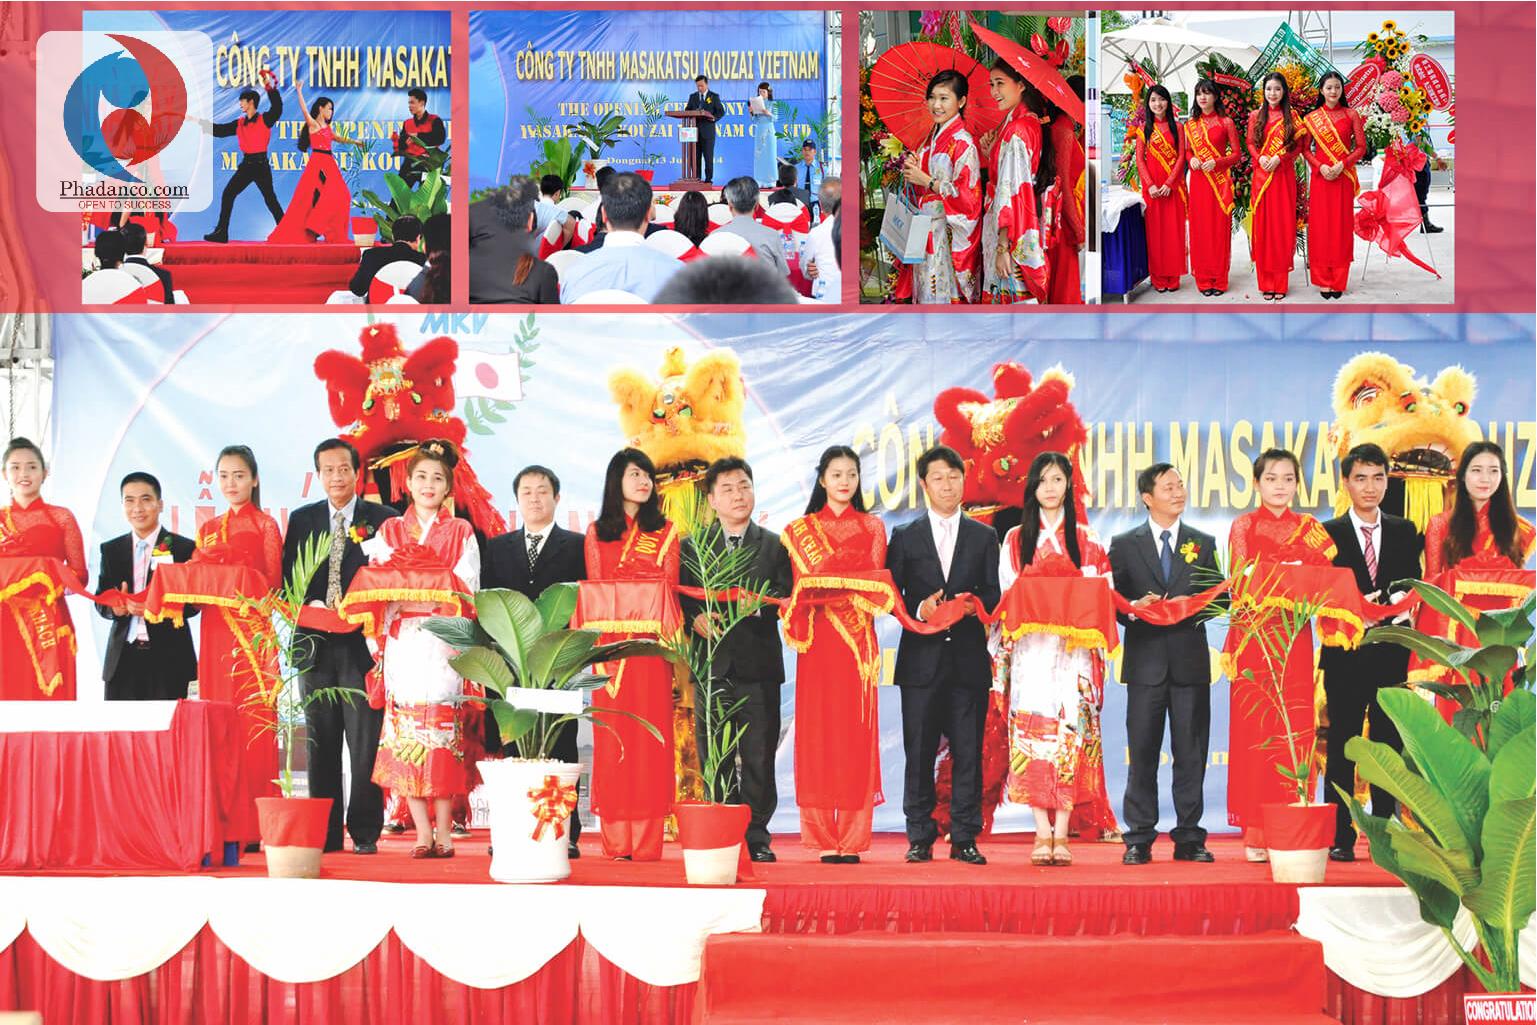 Công ty Truyền thông Phan Đăng tổ chức sự kiện cho Công ty Masakatsu Kouzai Việt Nam